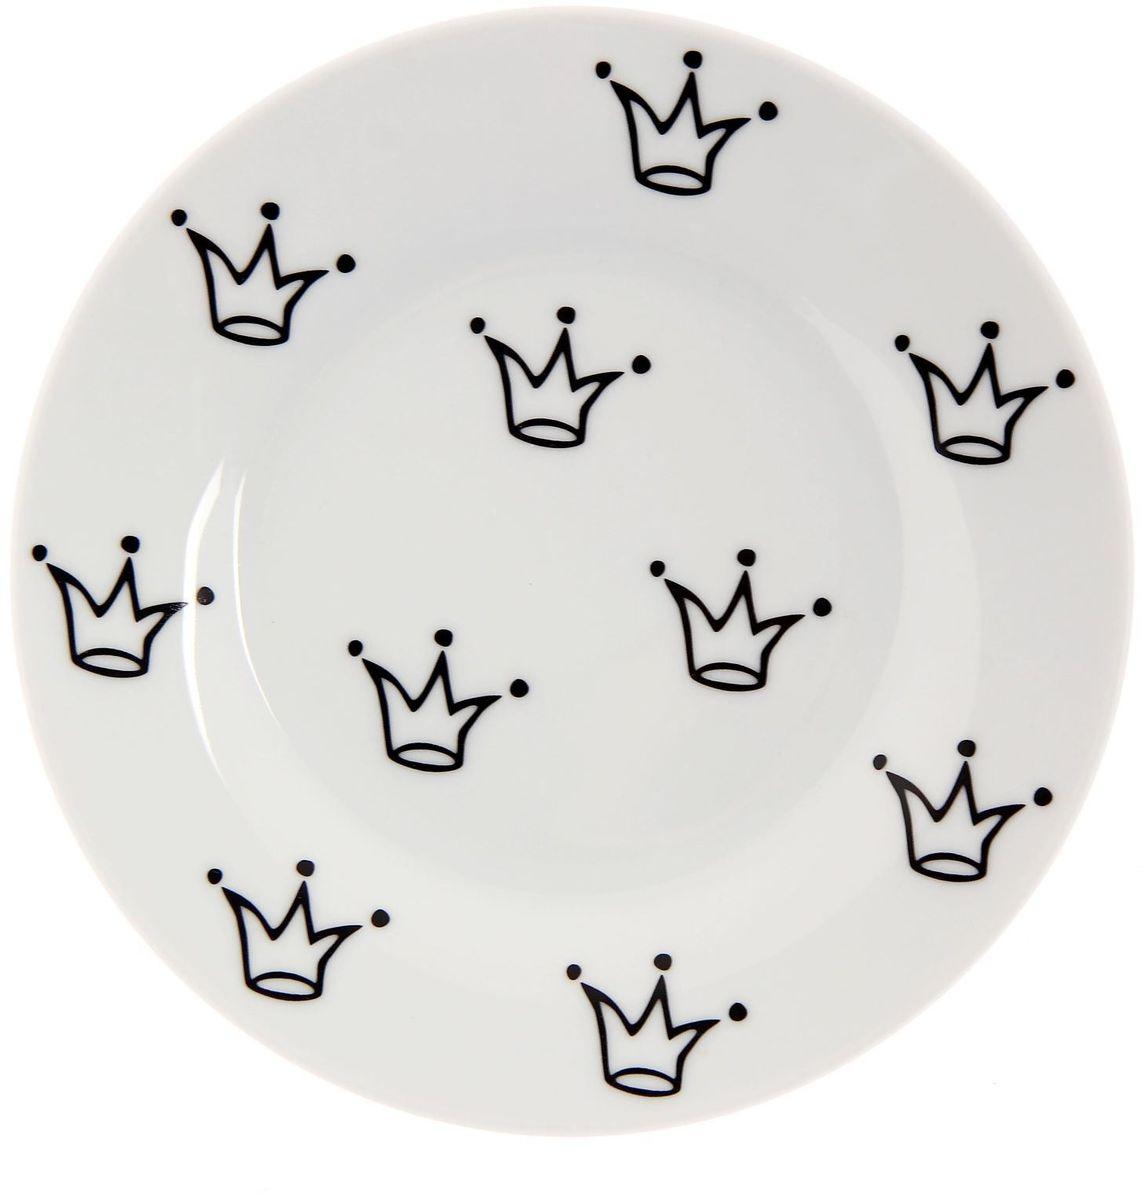 Тарелка мелкая Сотвори чудо My Little Crown, диаметр 15,5 см2277851Хотите обновить интерьер кухни или гостиной? Устраиваете необычную фотосессию или тематический праздник? А может, просто ищете подарок для близкого человека? Посуда « Сотвори Чудо» — правильный выбор в любой ситуации. Её достоинства: изящный фаянс нежного сливочного цвета; стойкость краски; пригодность для посудомоечных машин.